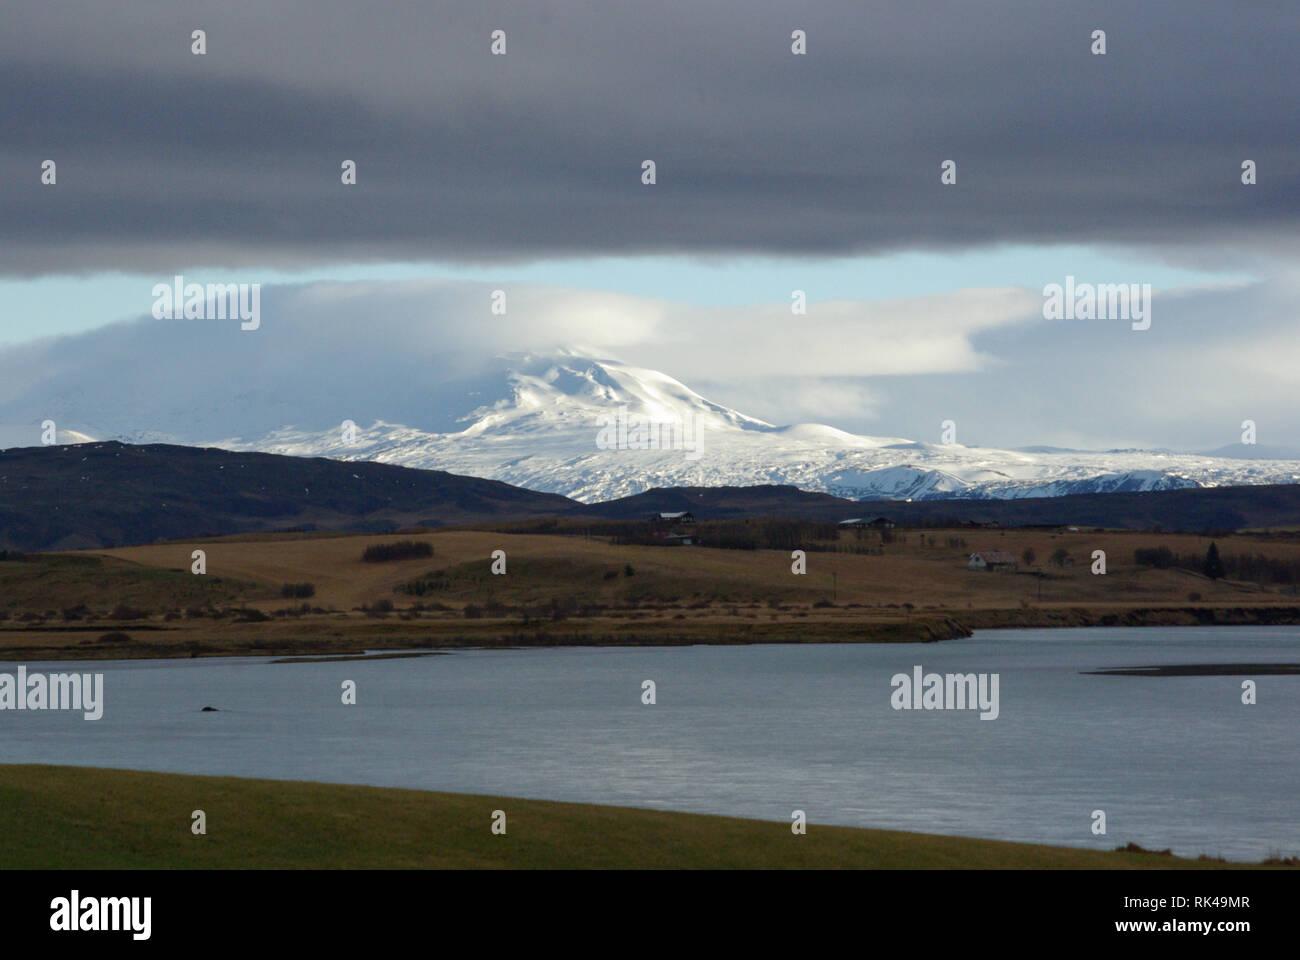 Landschaft mit Hekla im Hintergrund - Stock Image